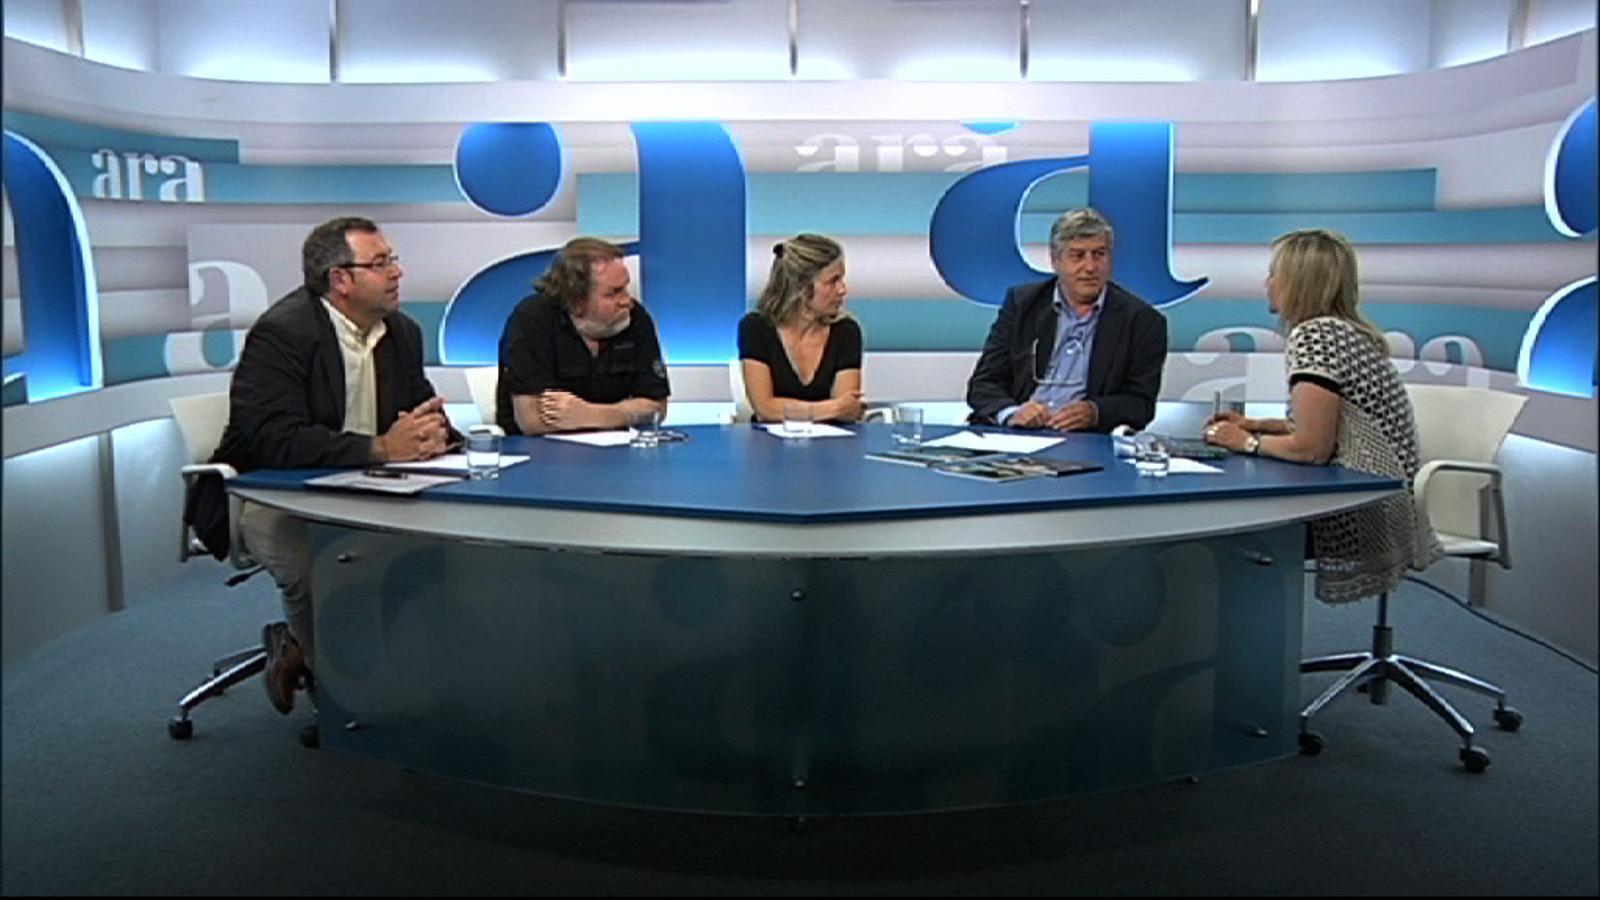 Debat del Baix Empordà: Volem sumar i ser Empordà, per l''Ara TV Premium'